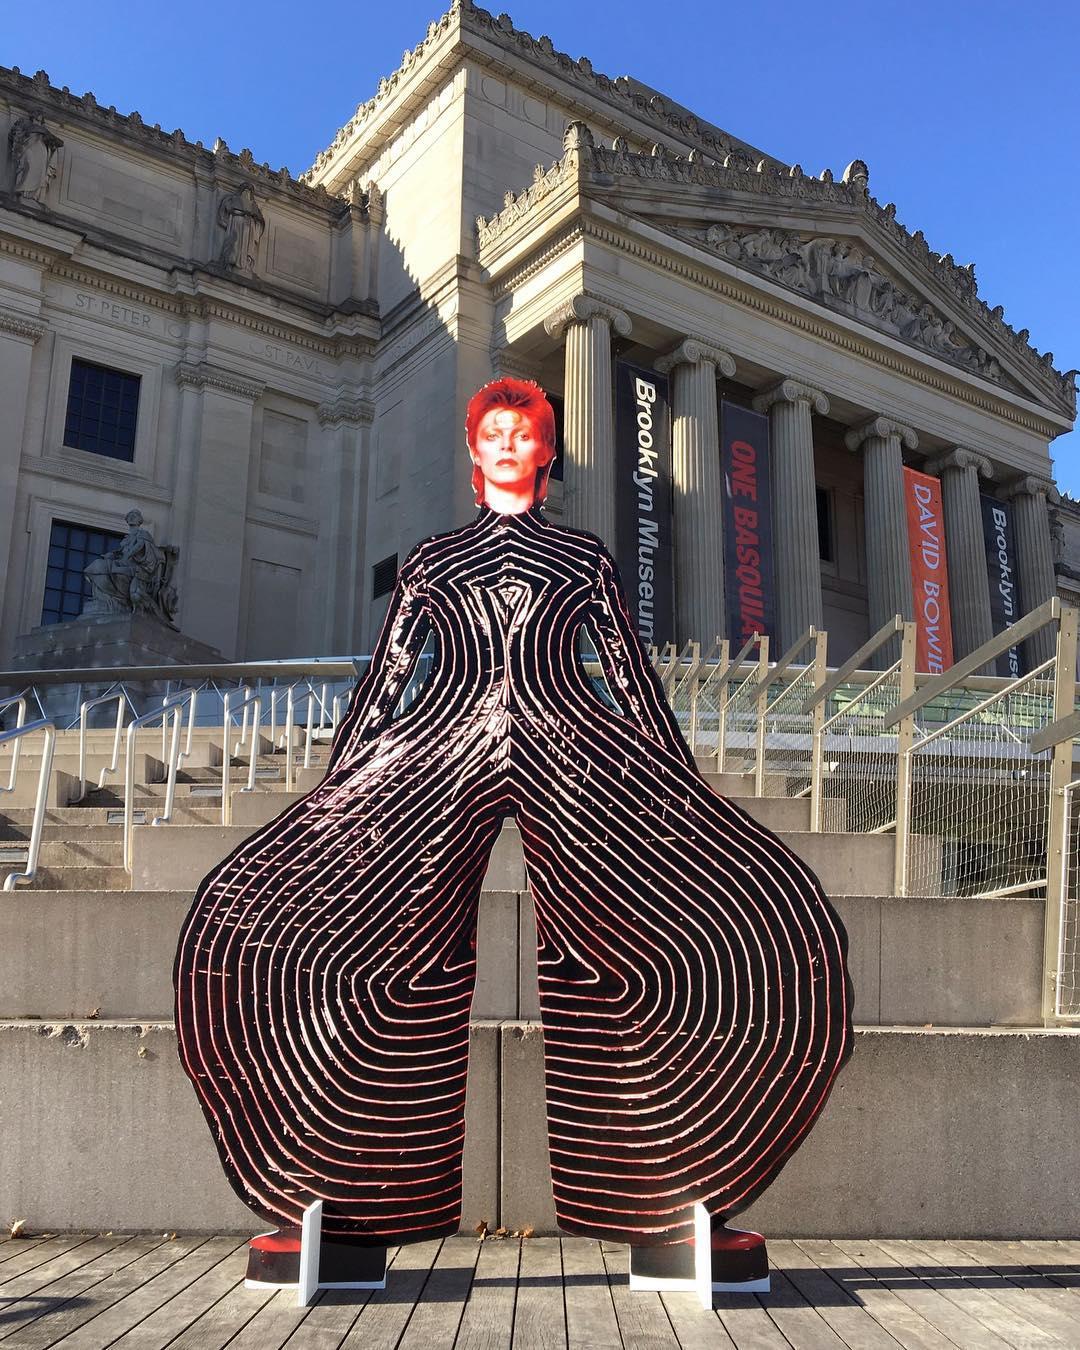 David Bowie invadió una estación de subte de Nueva York (13)